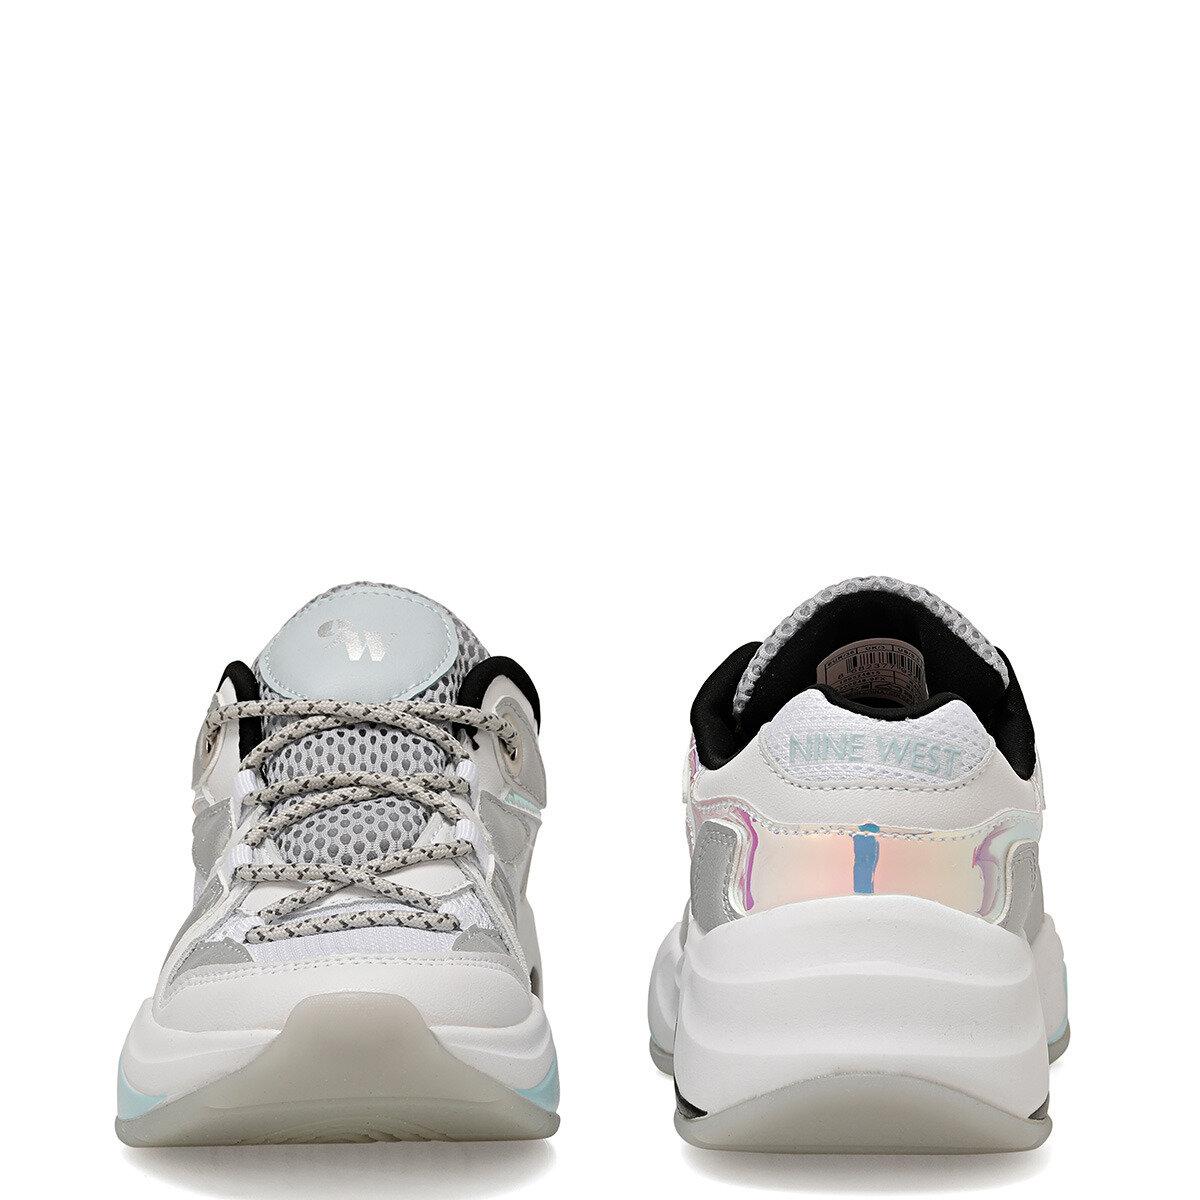 RANDOR BEYAZ GRI Kadın Sneaker